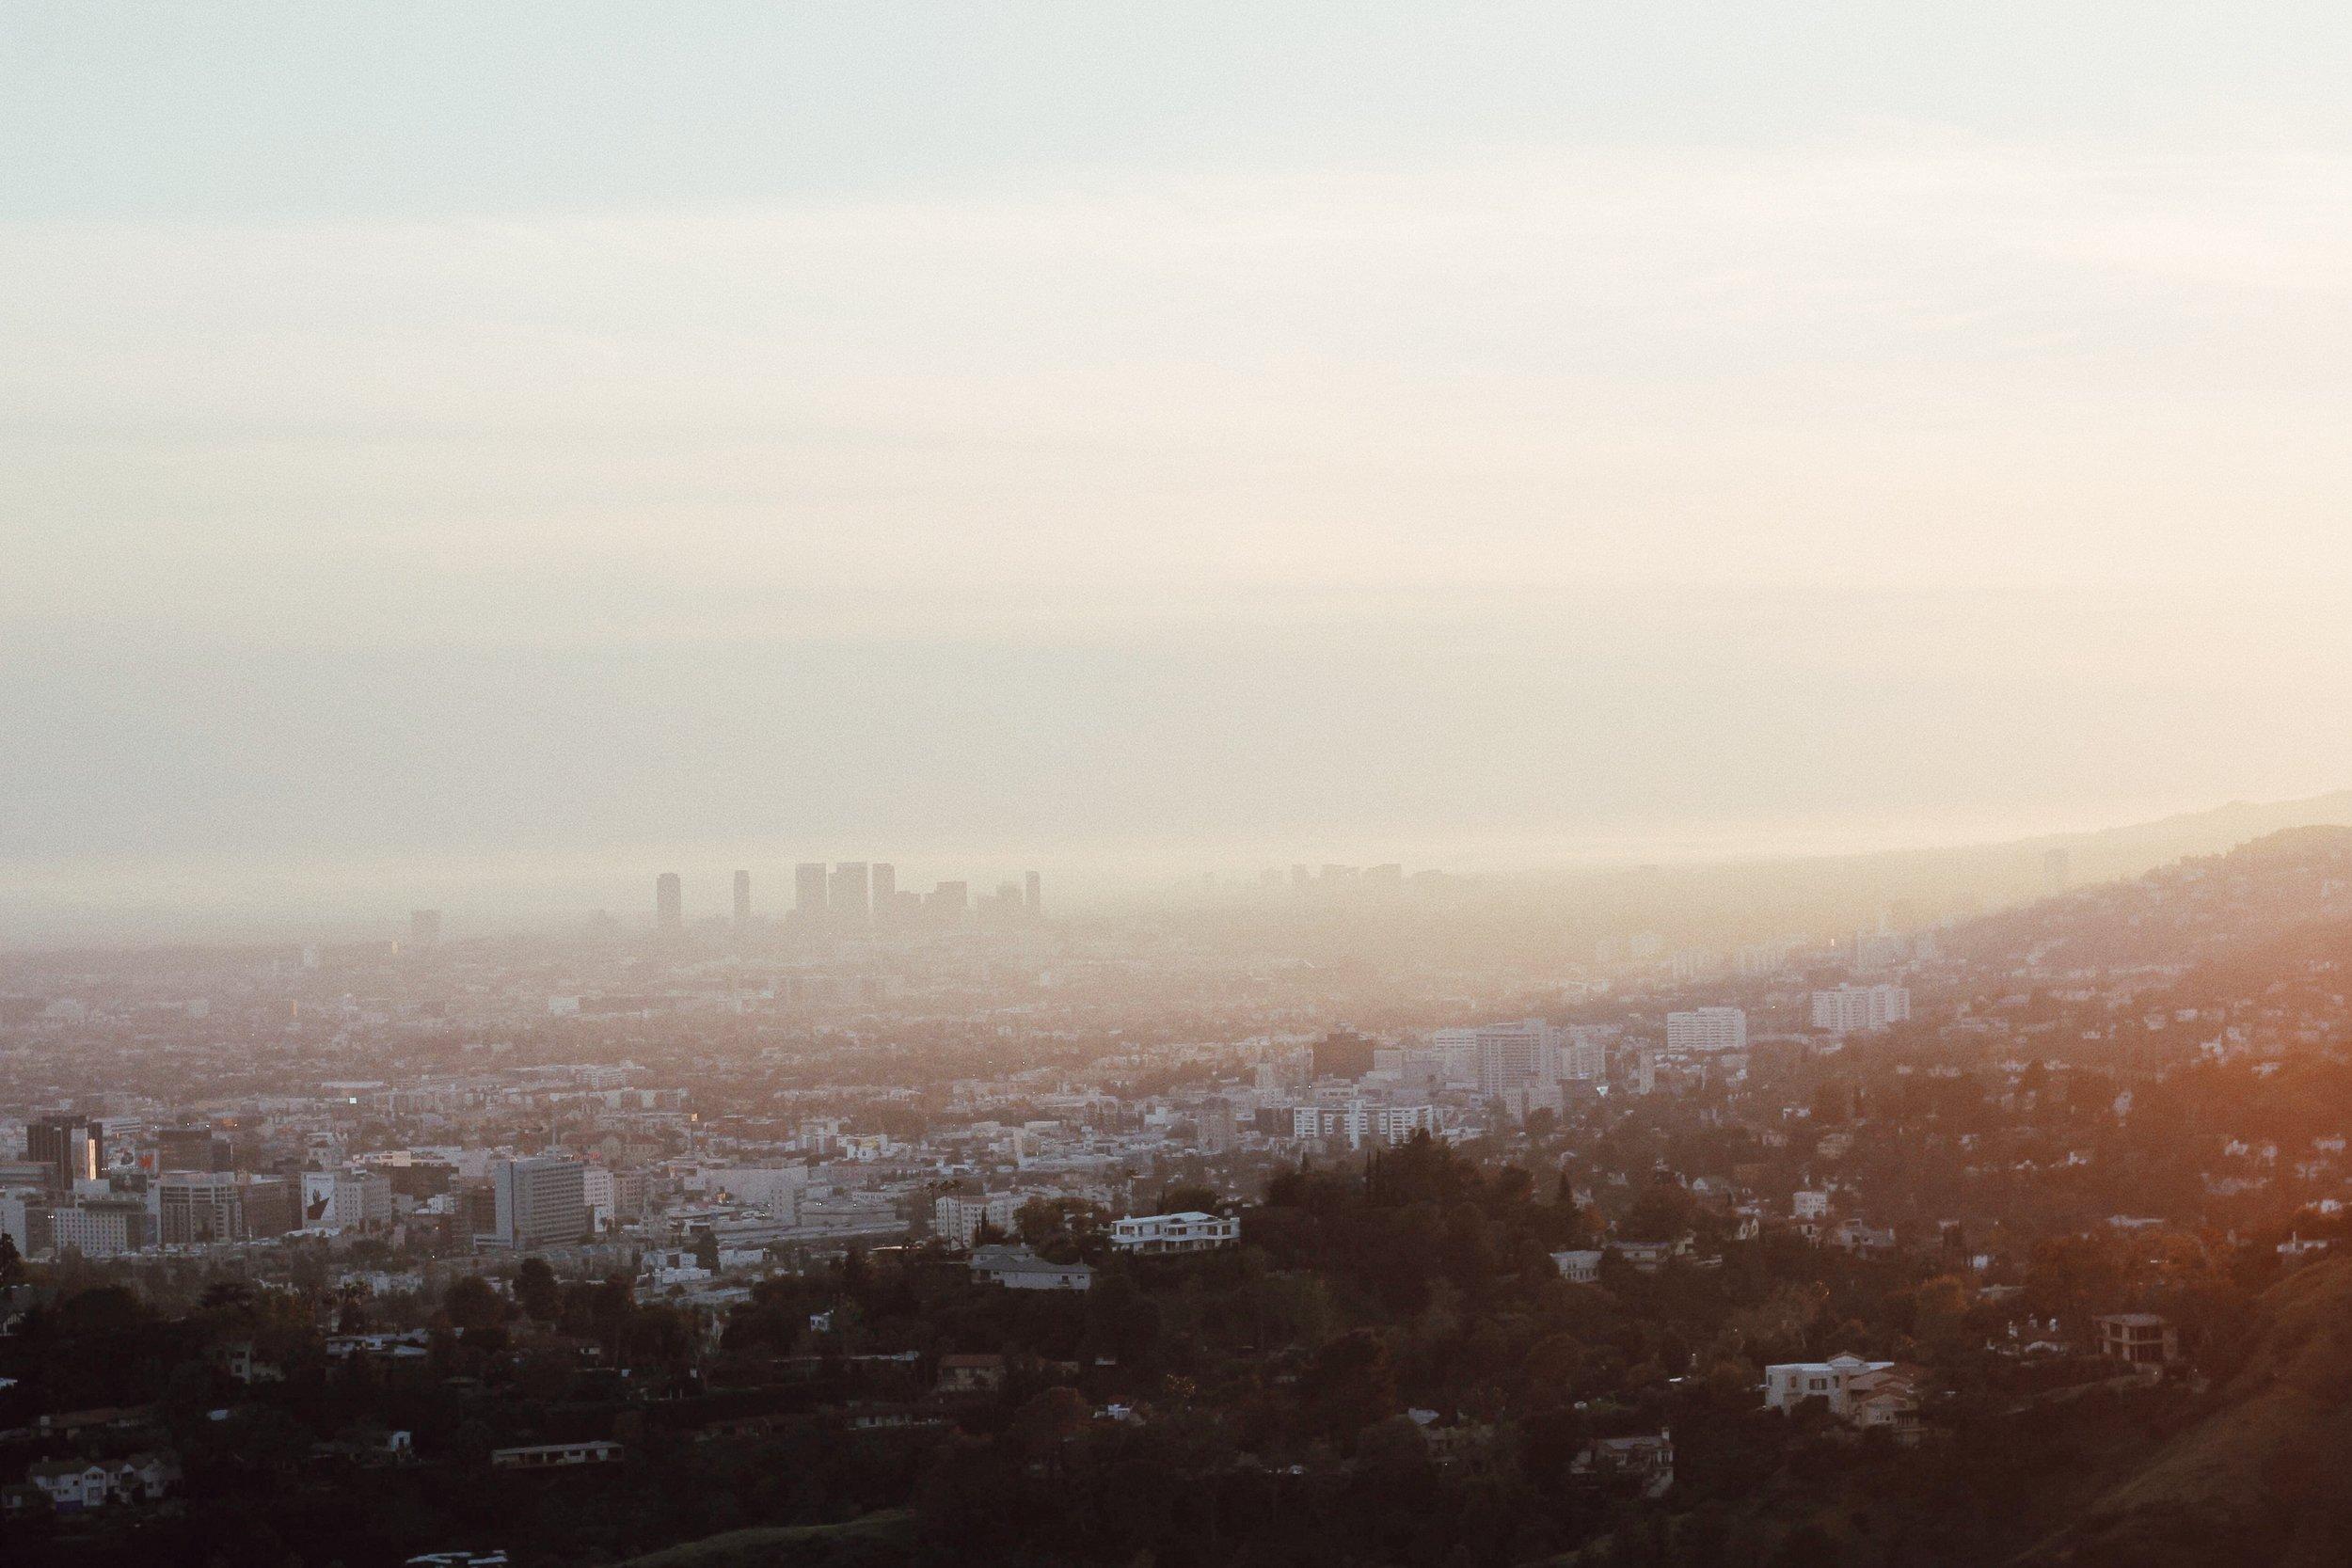 losangeles_la_cali_california